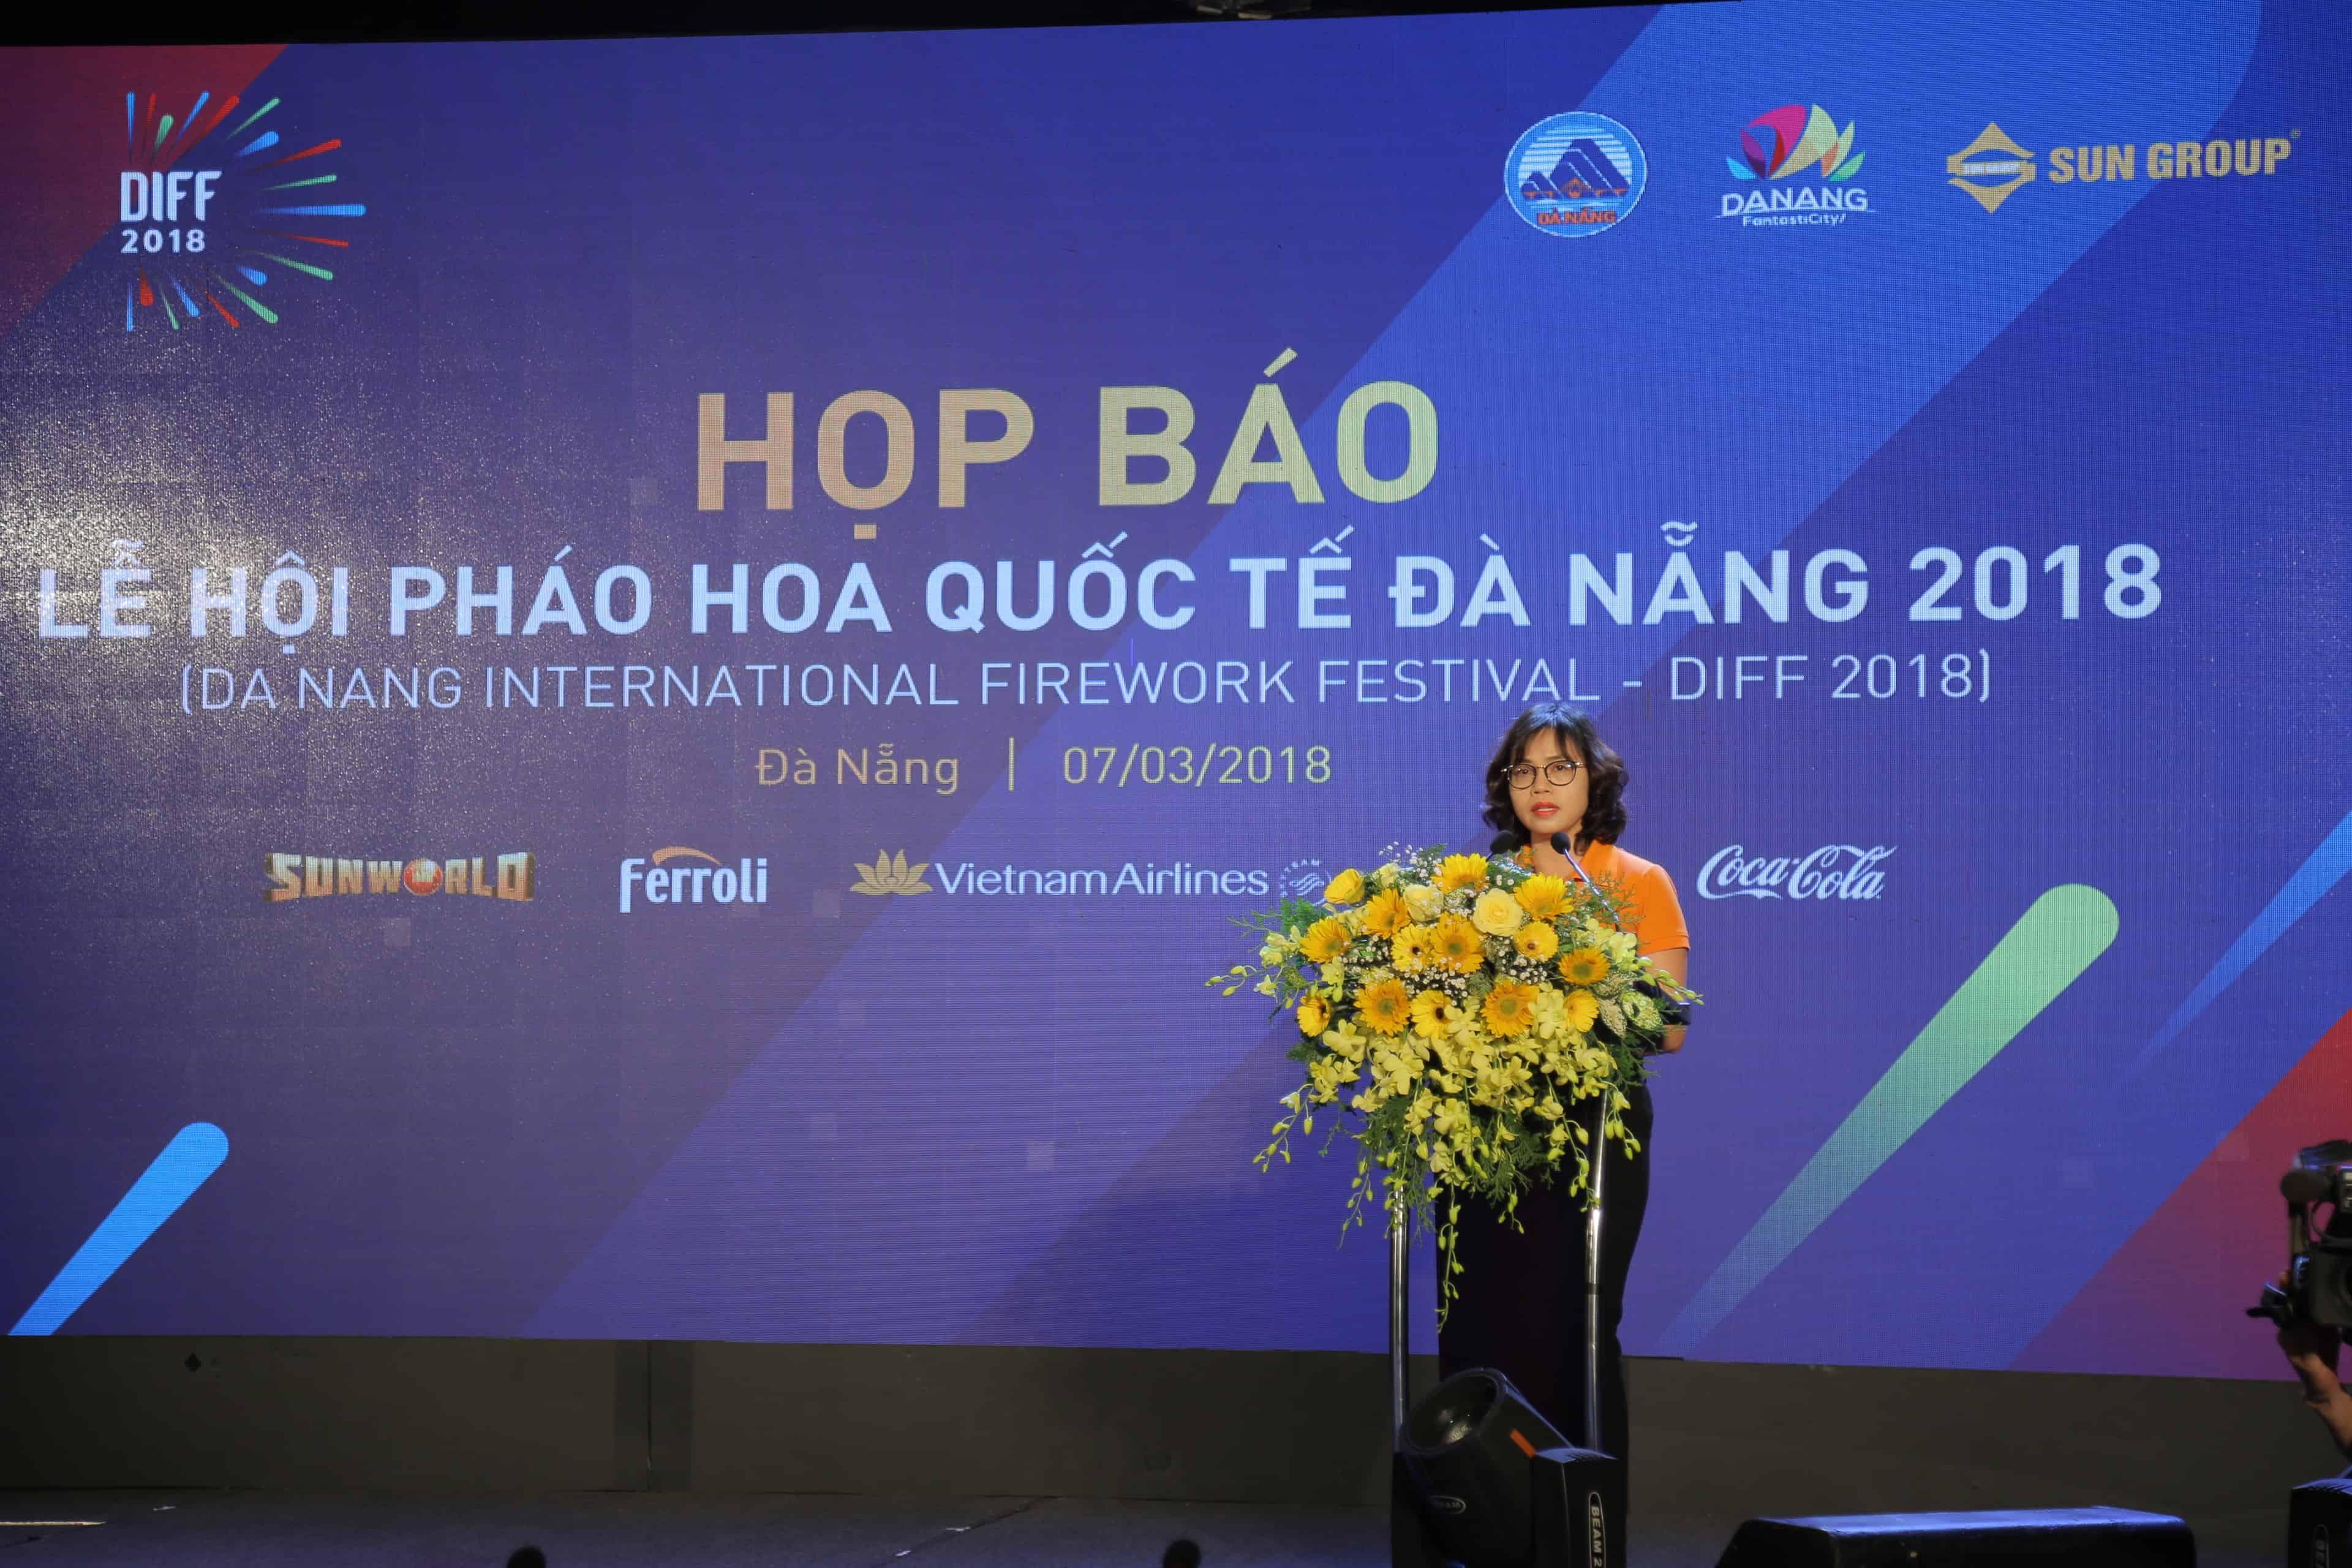 (Tiếng Việt) Ferroli nhà tài trợ kim cương lễ hội pháo hoa Đà Nẵng 2018 (DIFF 2018)